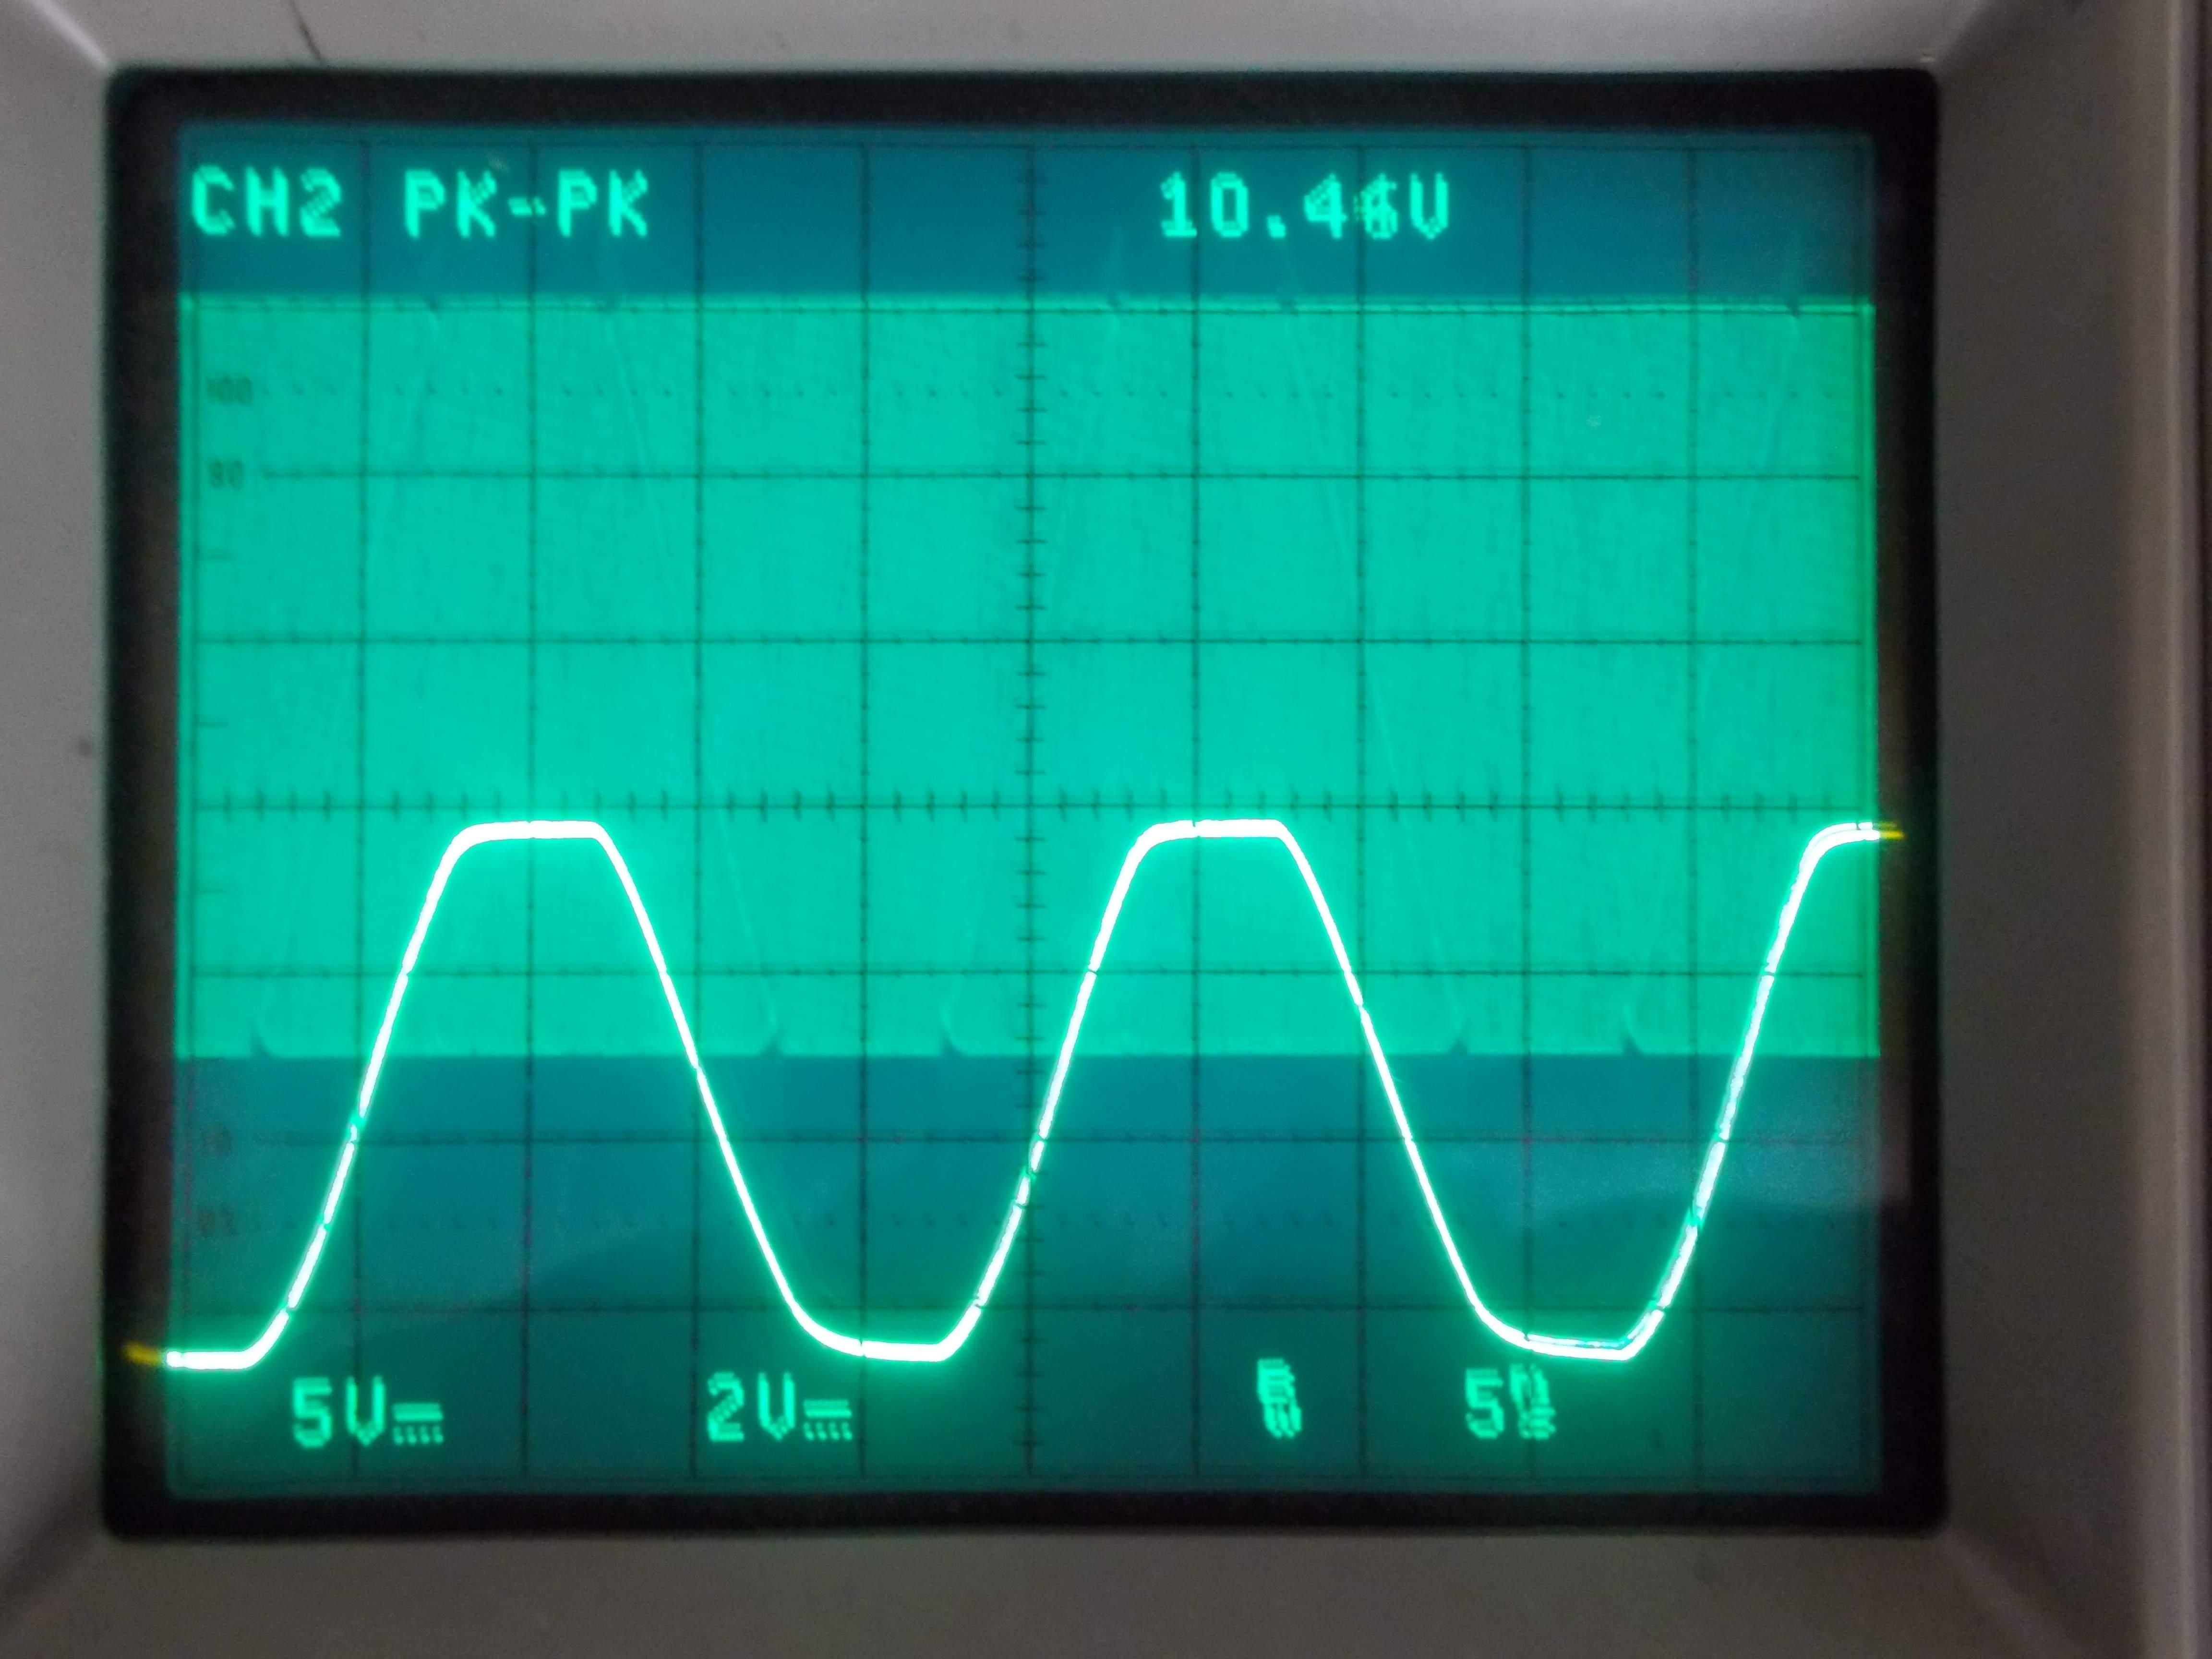 Pin2_LM2903_OverModul_-_Compressione.jpg